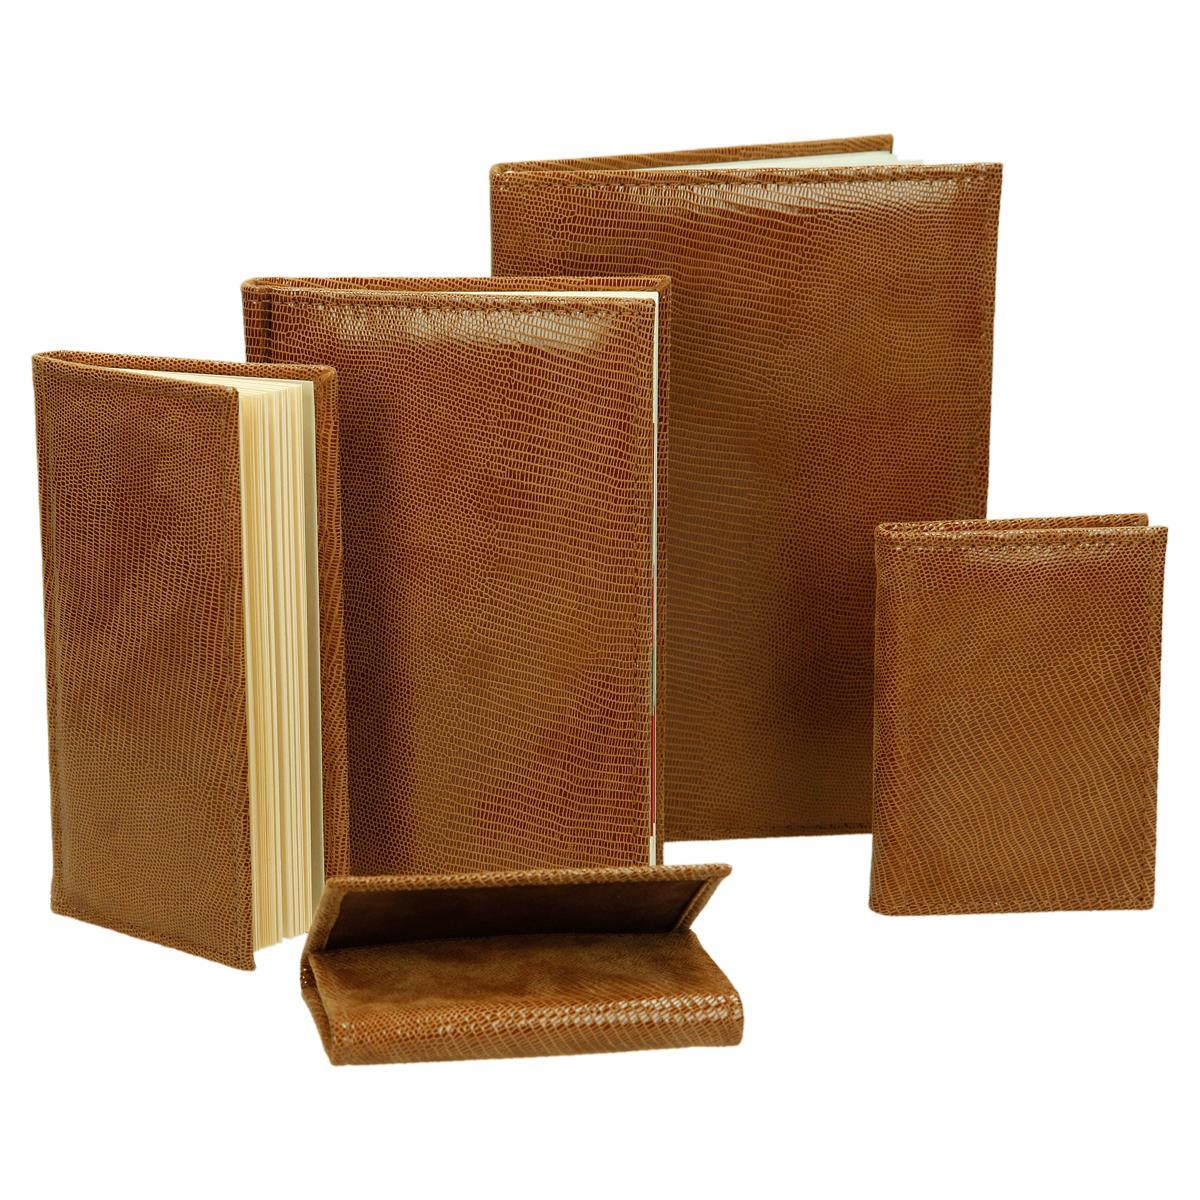 291ee0109f438 Produkcja na zamówienie wyrobów skórzanych 0619 1 Wyroby skórzane